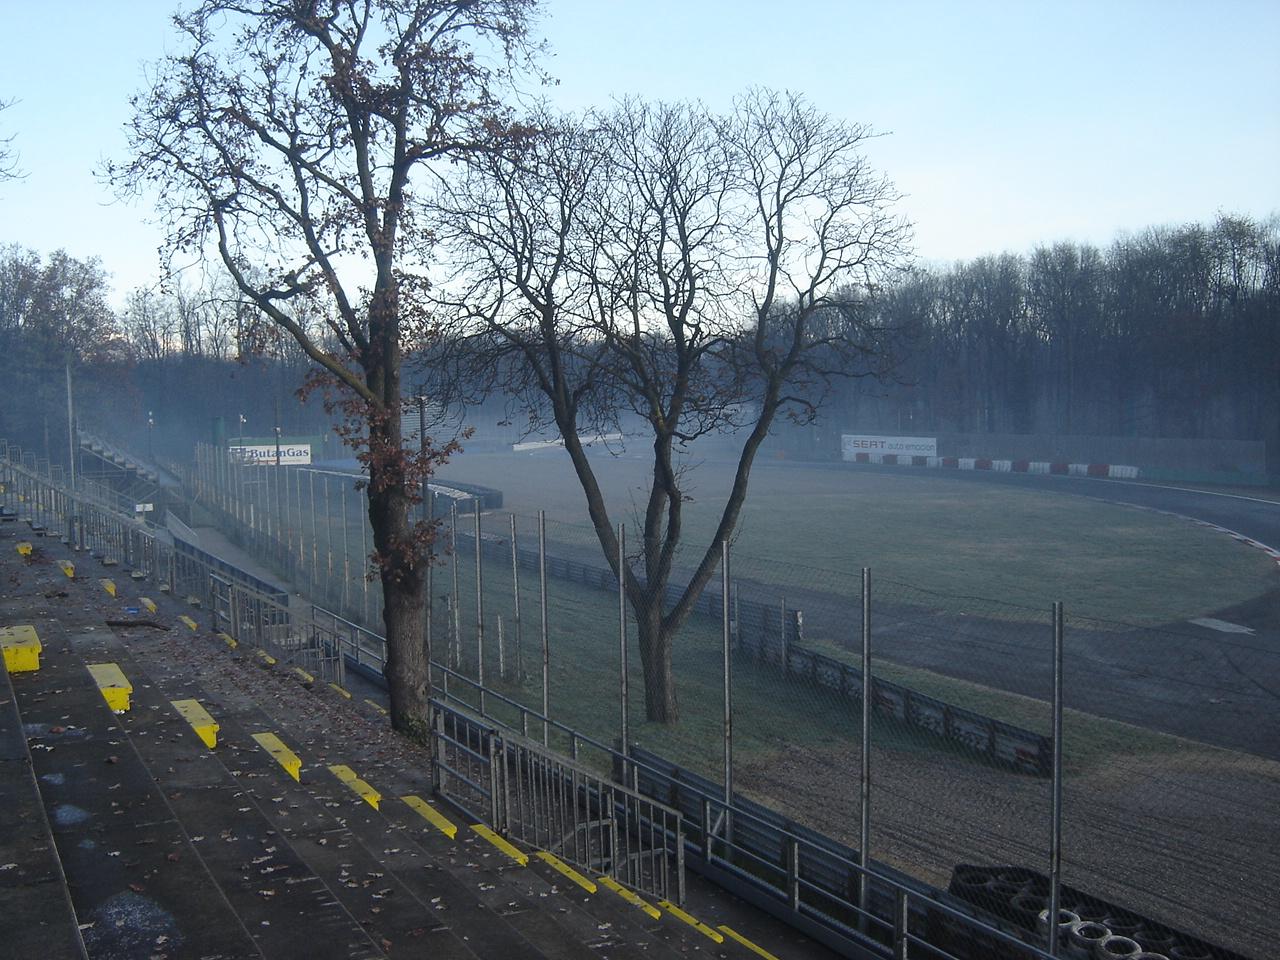 Circuito Ascari : Autodromo di monza tribuna ascari